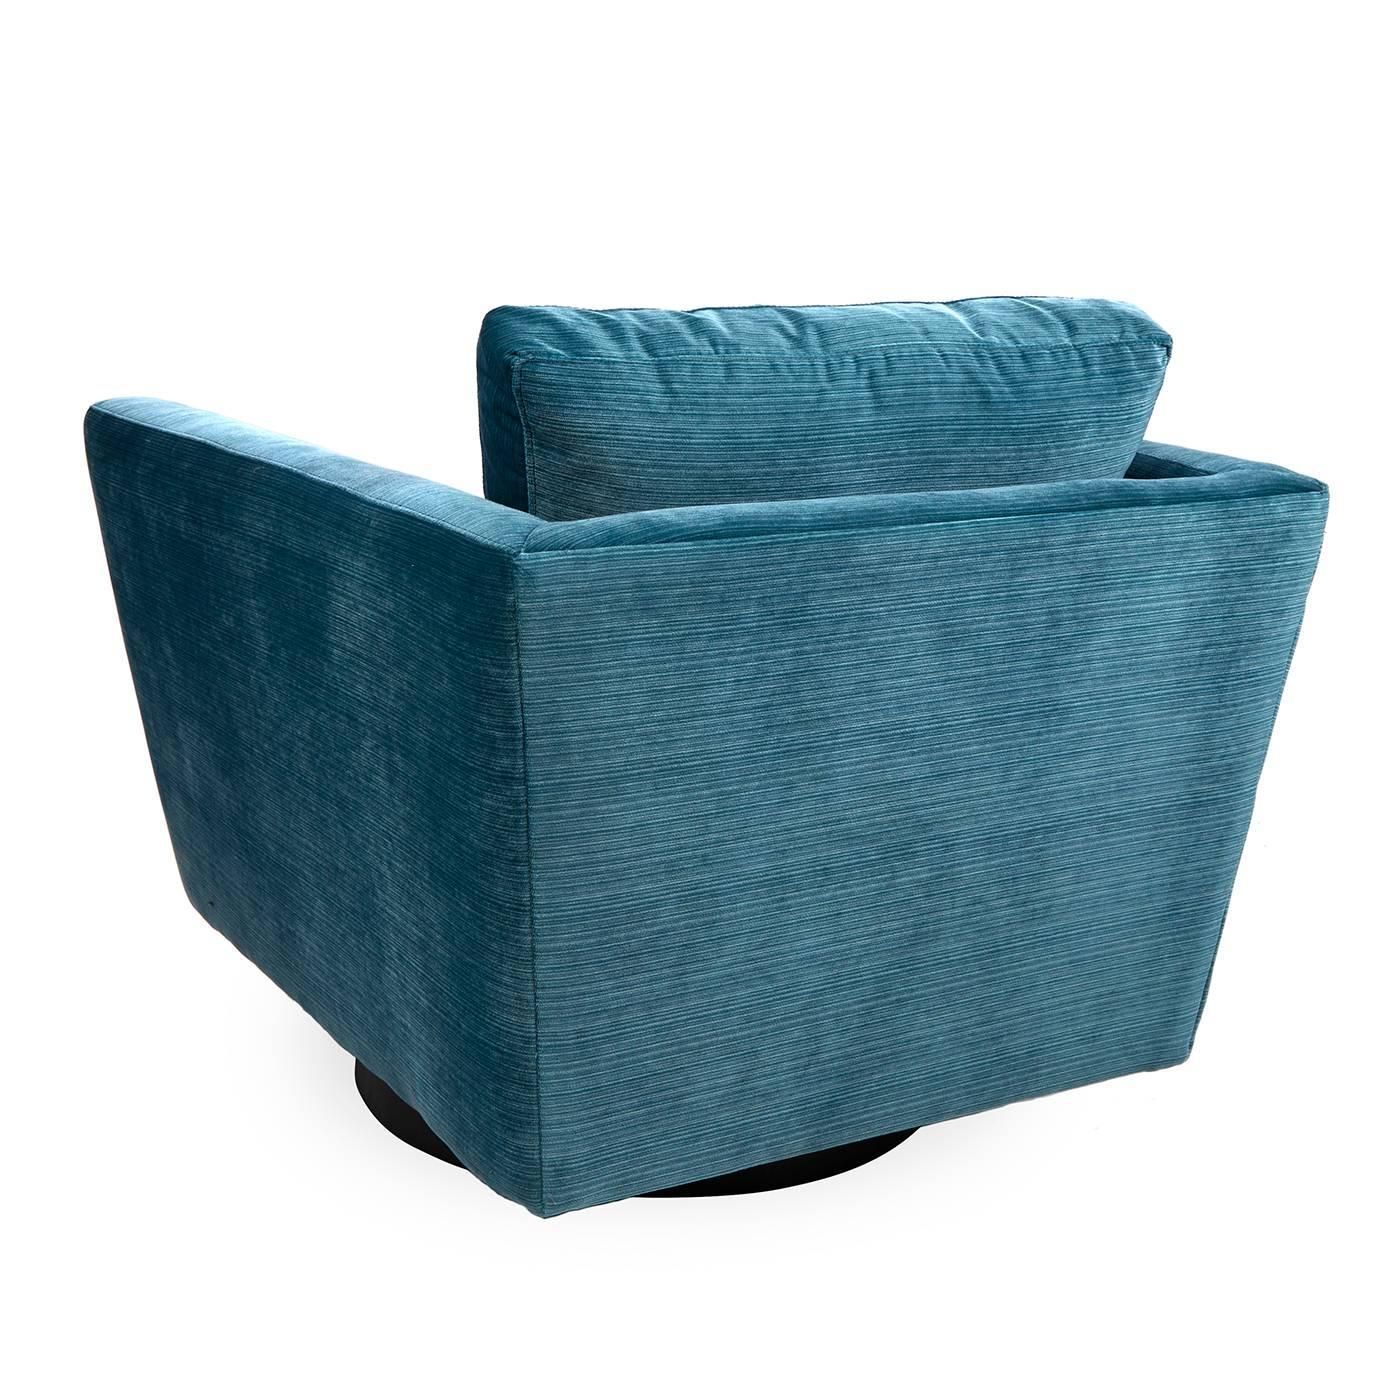 Wonderful Sebastian Swivel Chair in Aegean Blue Velvet For Sale at 1stdibs UC49